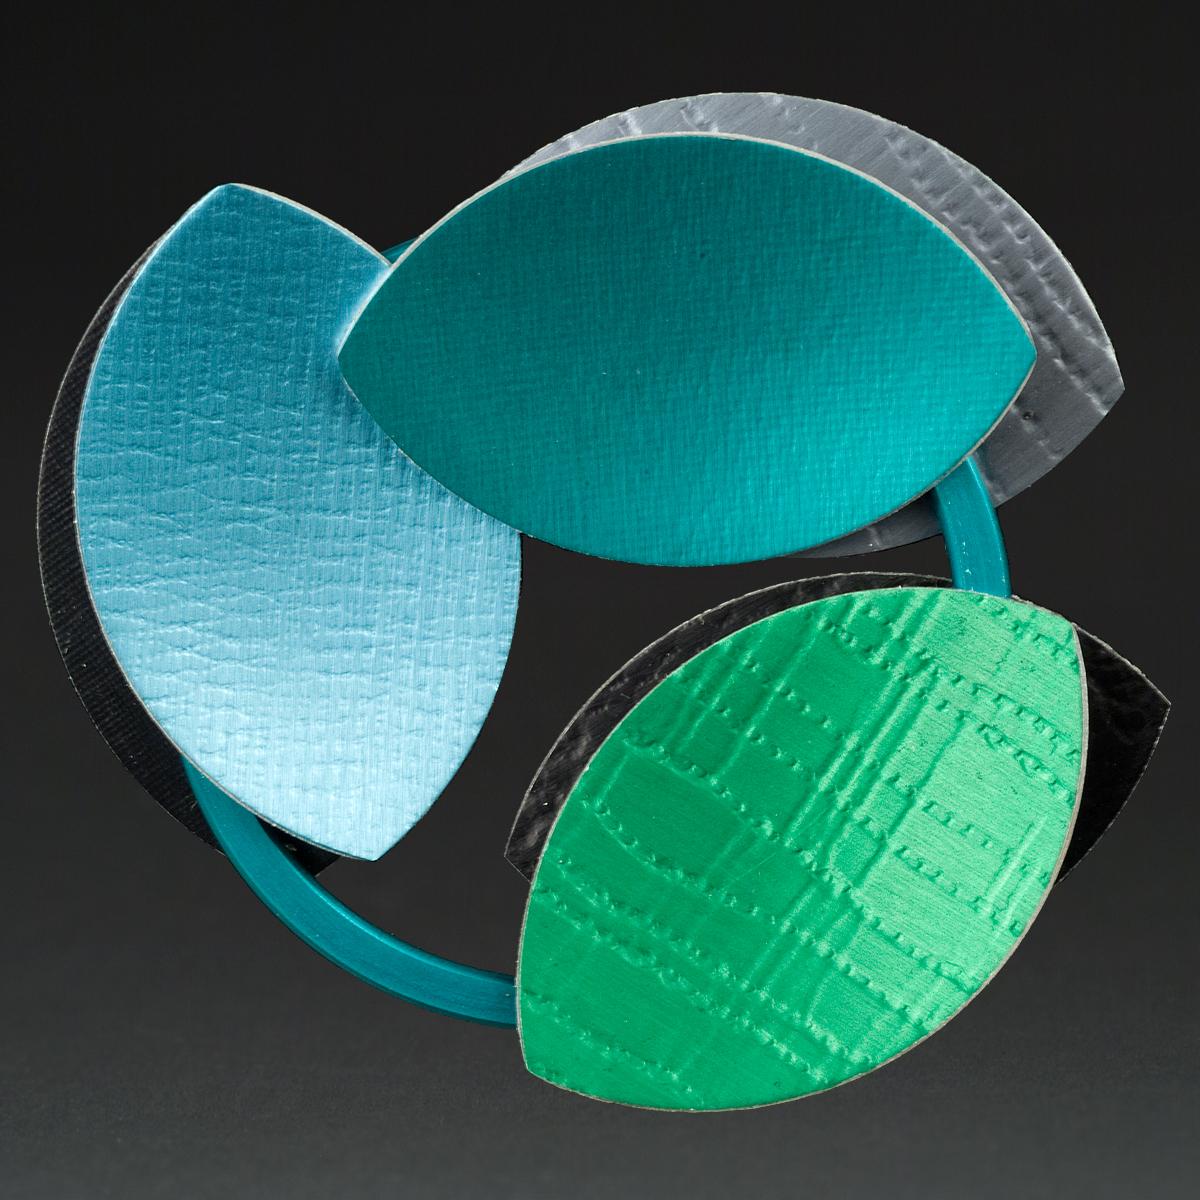 C - Aqua, Turquoise, Green